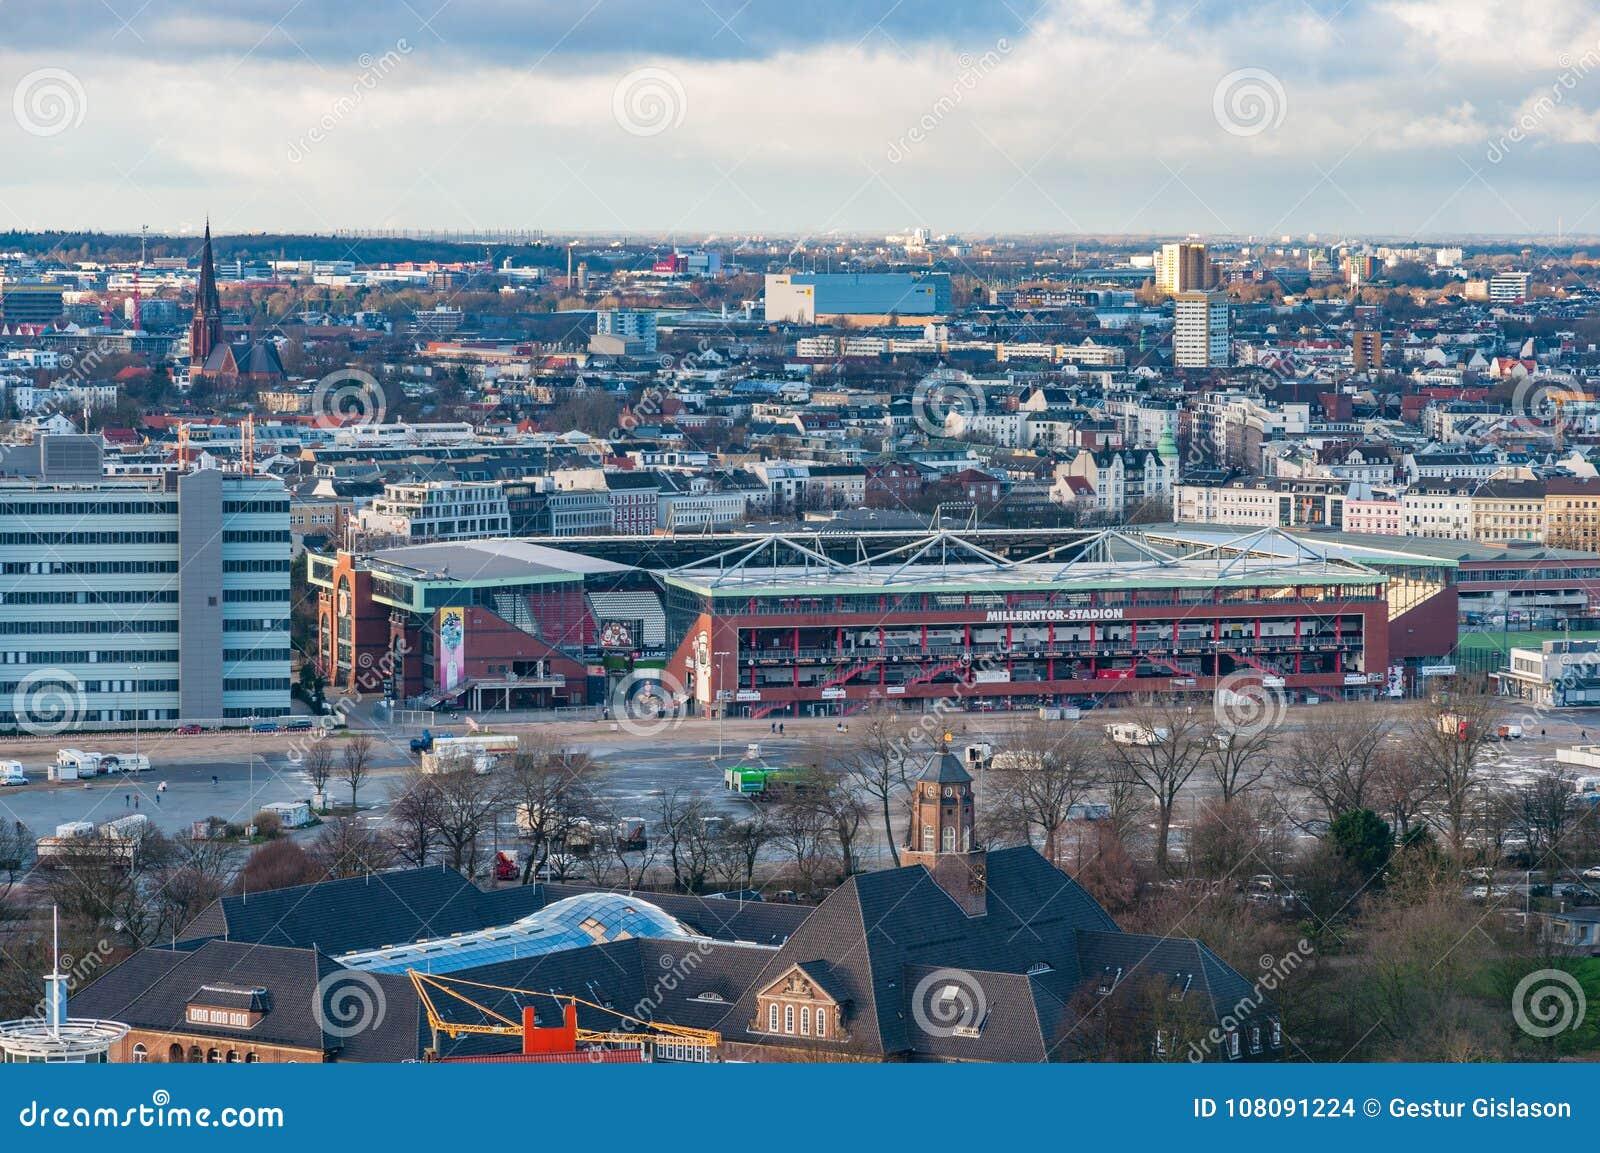 Millerntor Stadion es el estadio casero de St alemán Pauli del equipo de fútbol